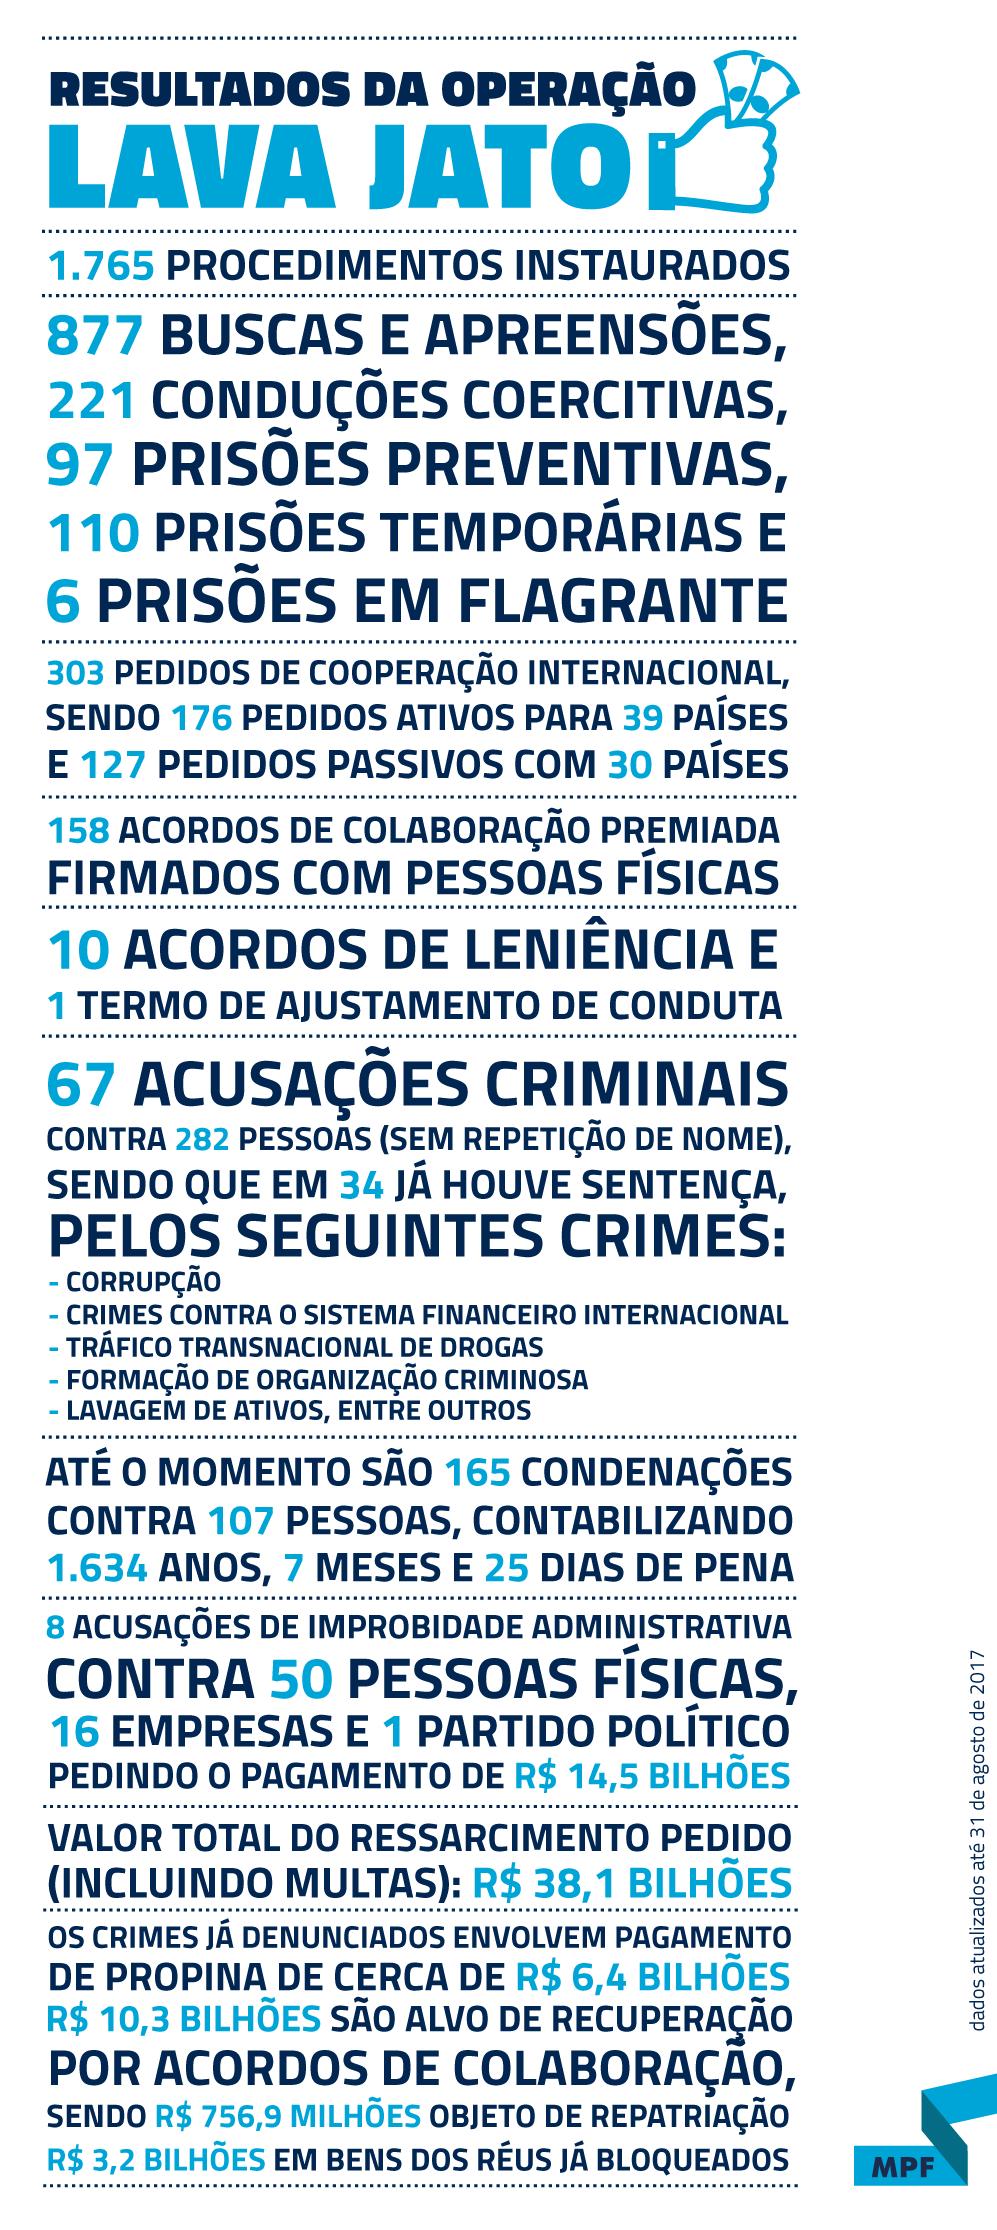 infografico_resultados_2017-08-31-portal.png